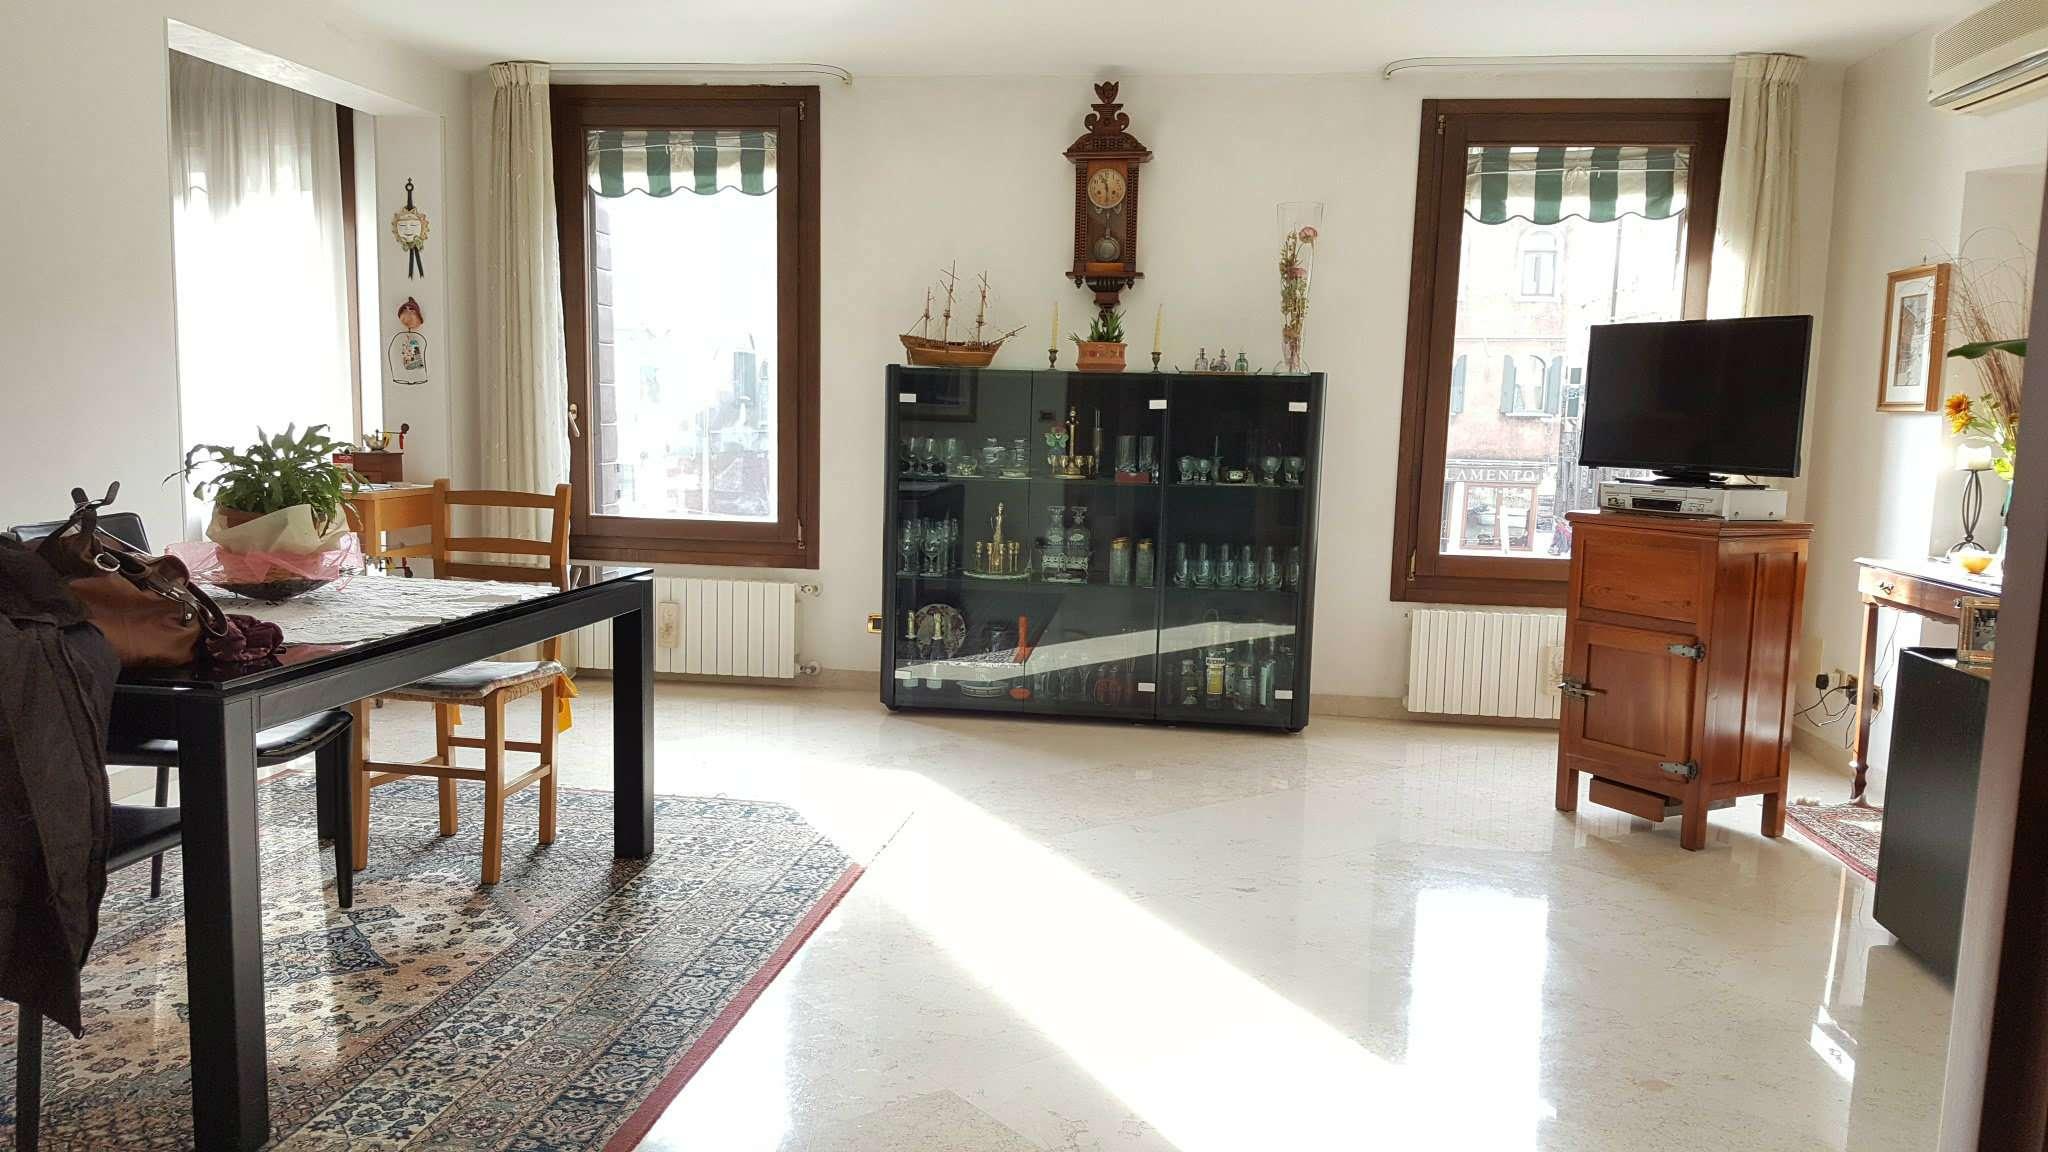 Appartamento in vendita a Venezia, 5 locali, zona Zona: 3 . Cannaregio, prezzo € 825.000   Cambio Casa.it